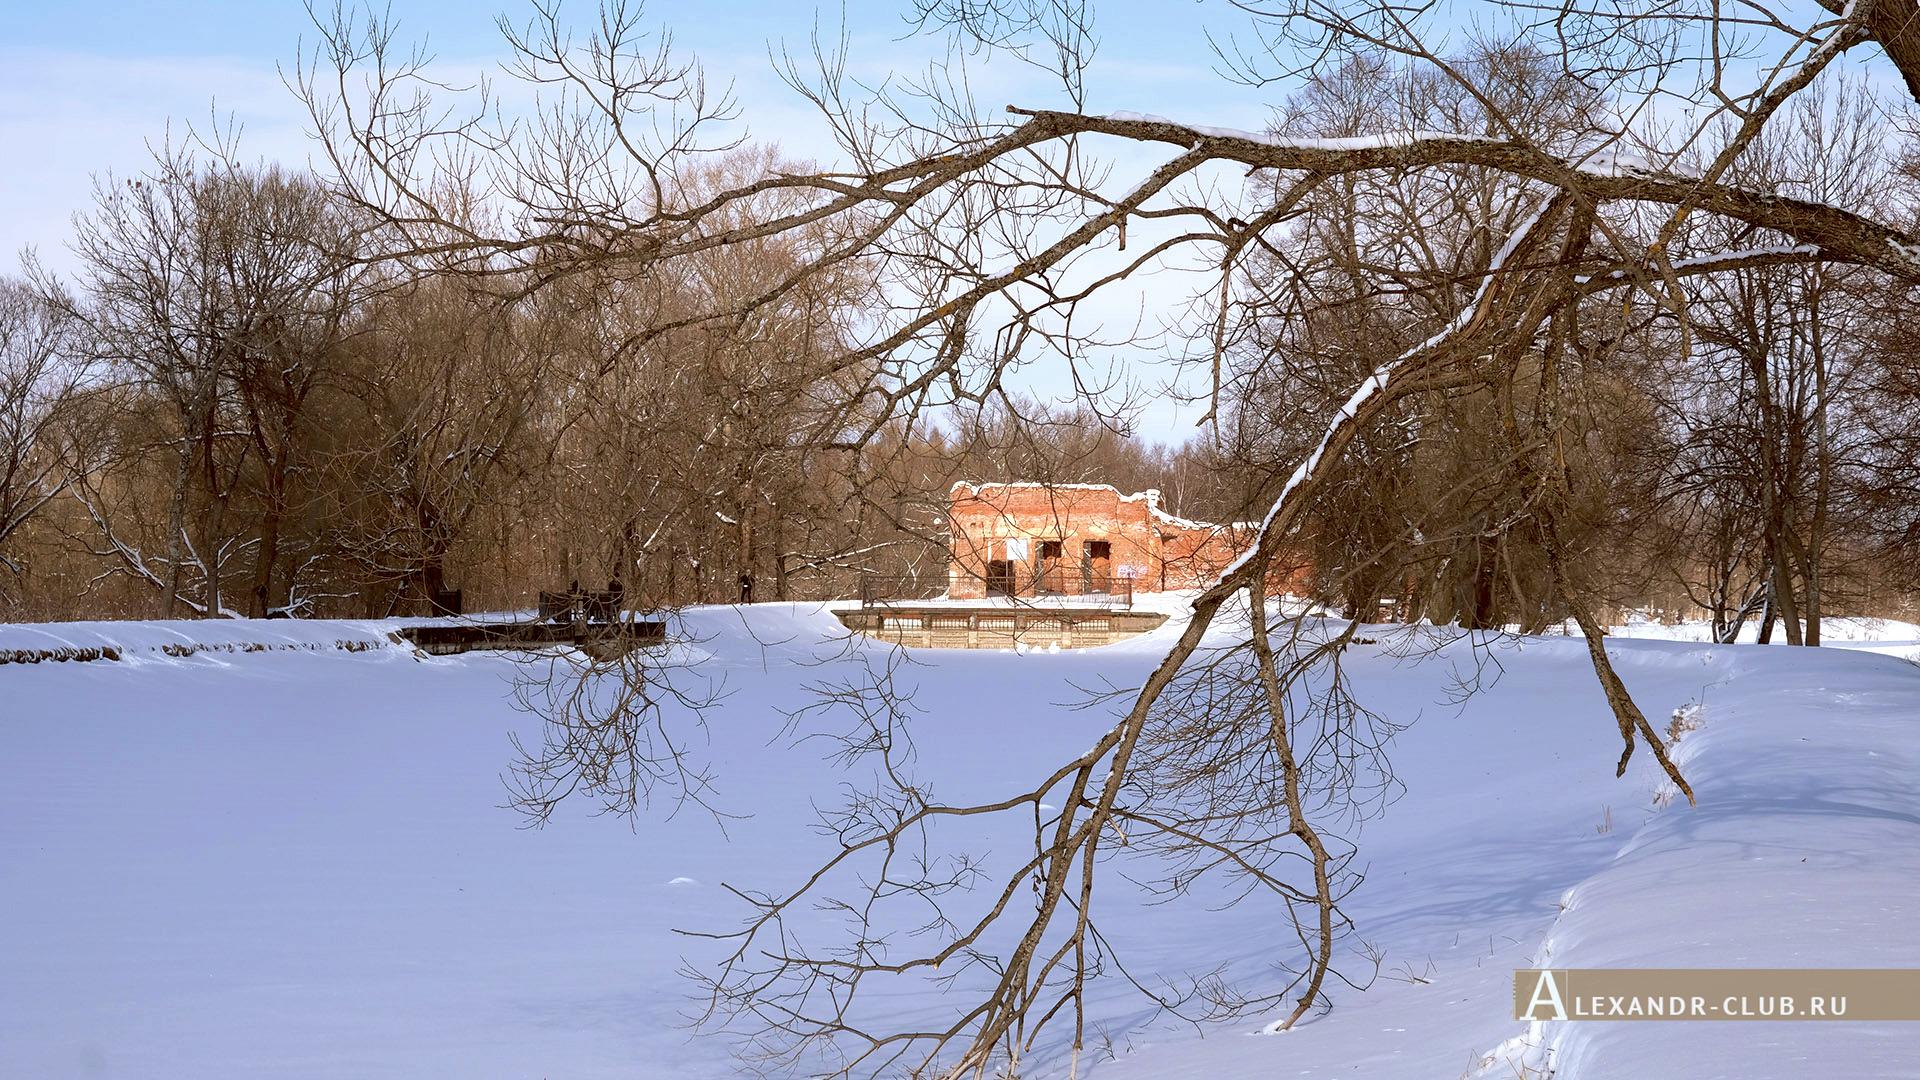 Петергоф, Луговой парк, зима, Розовый павильон – 1